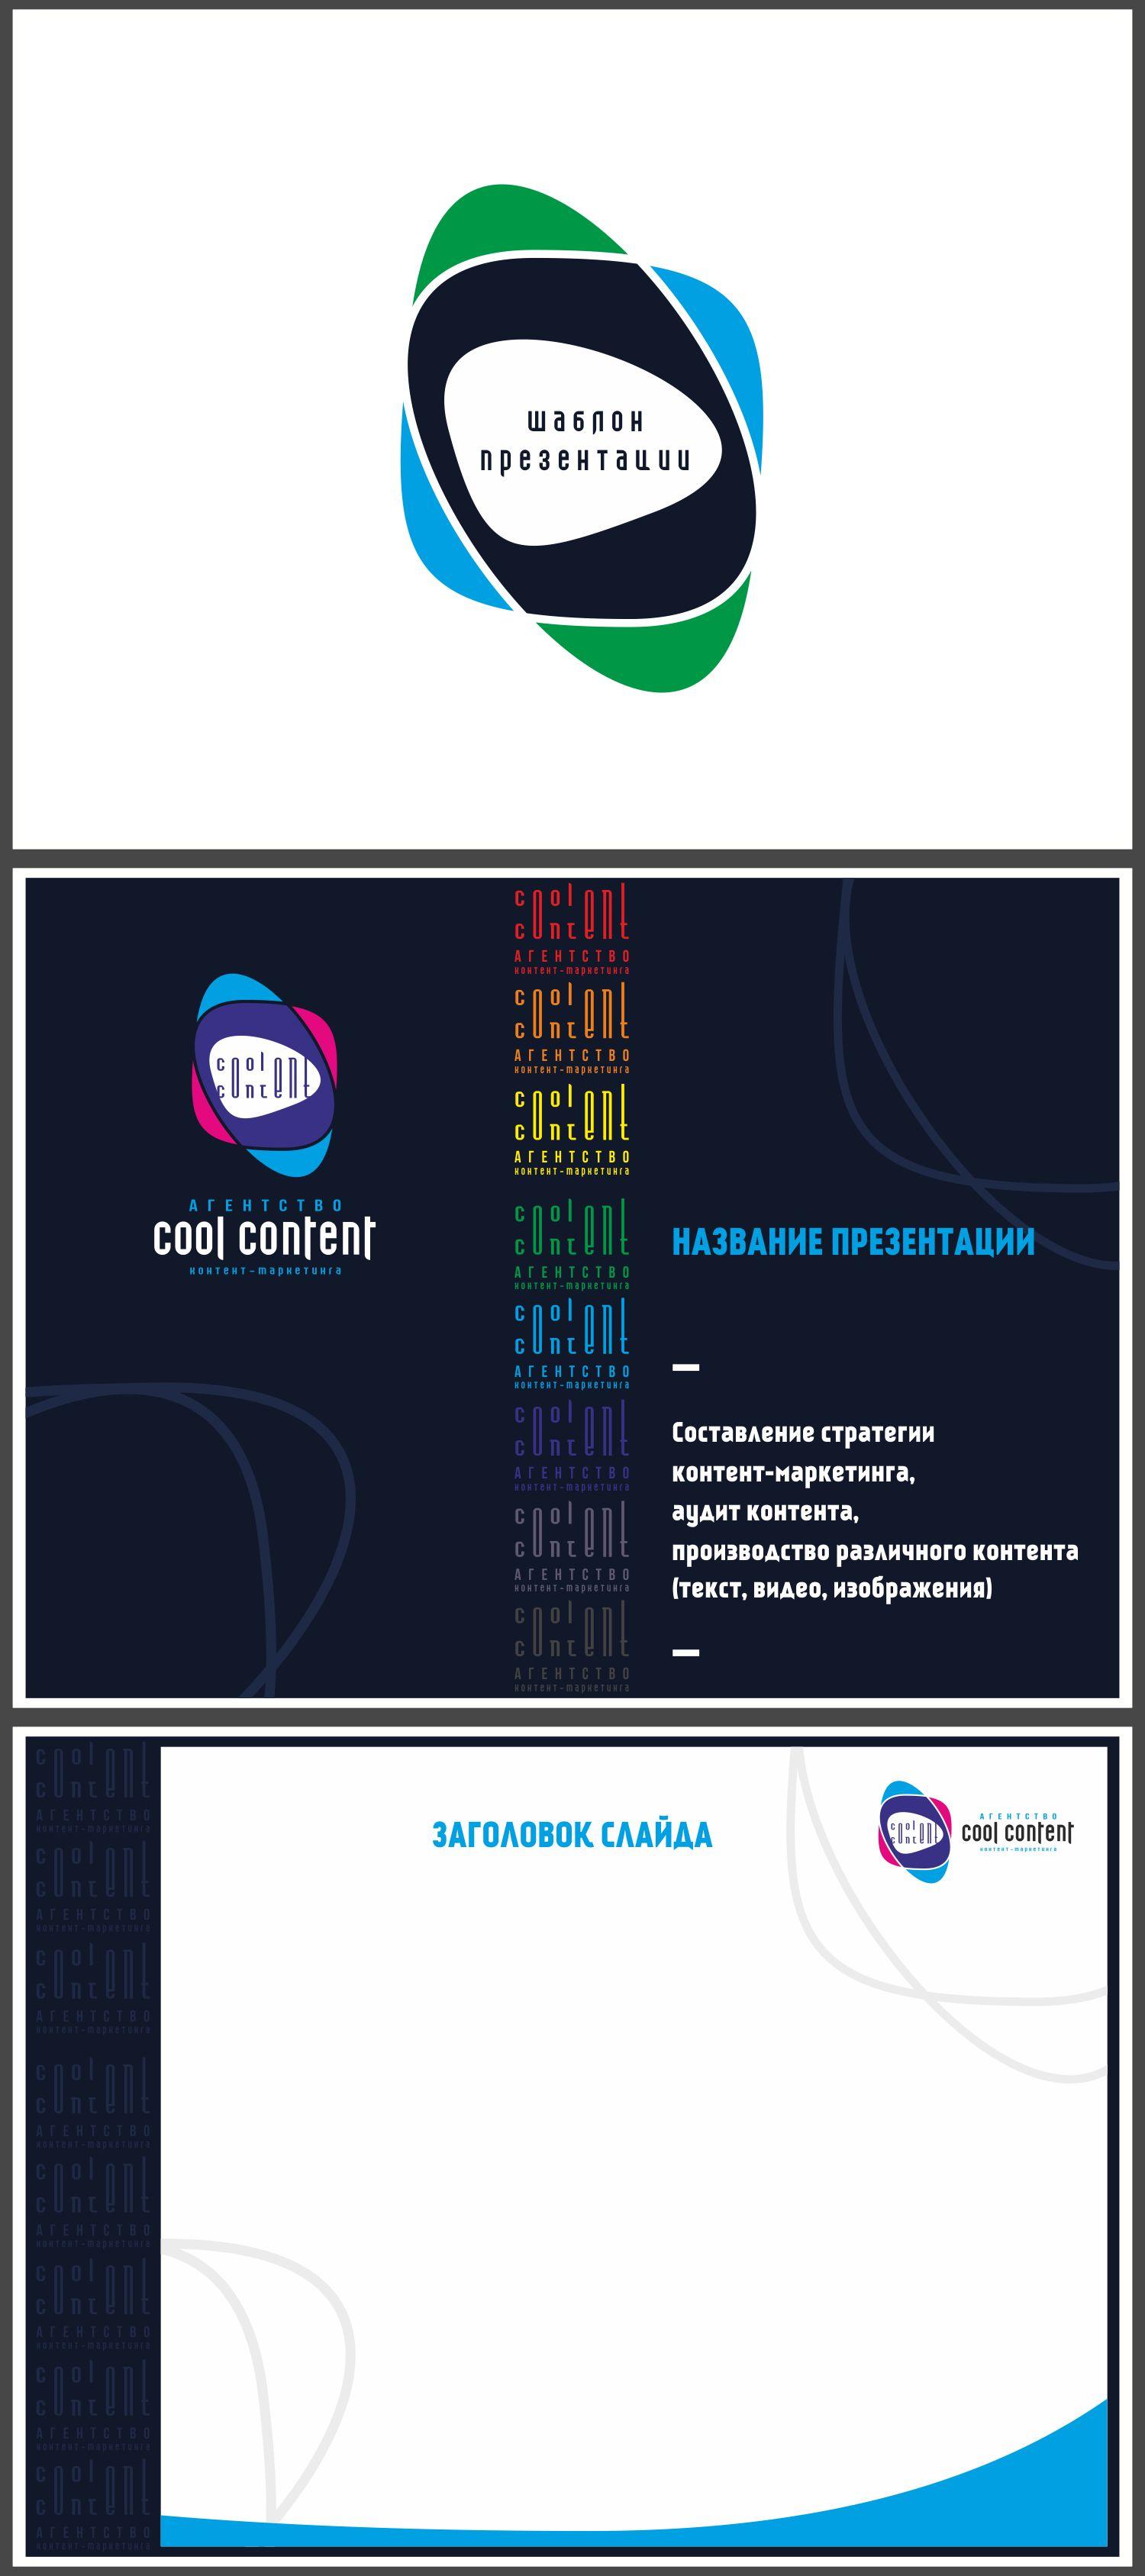 Лого для агентства Cool Content - дизайнер smithy-style